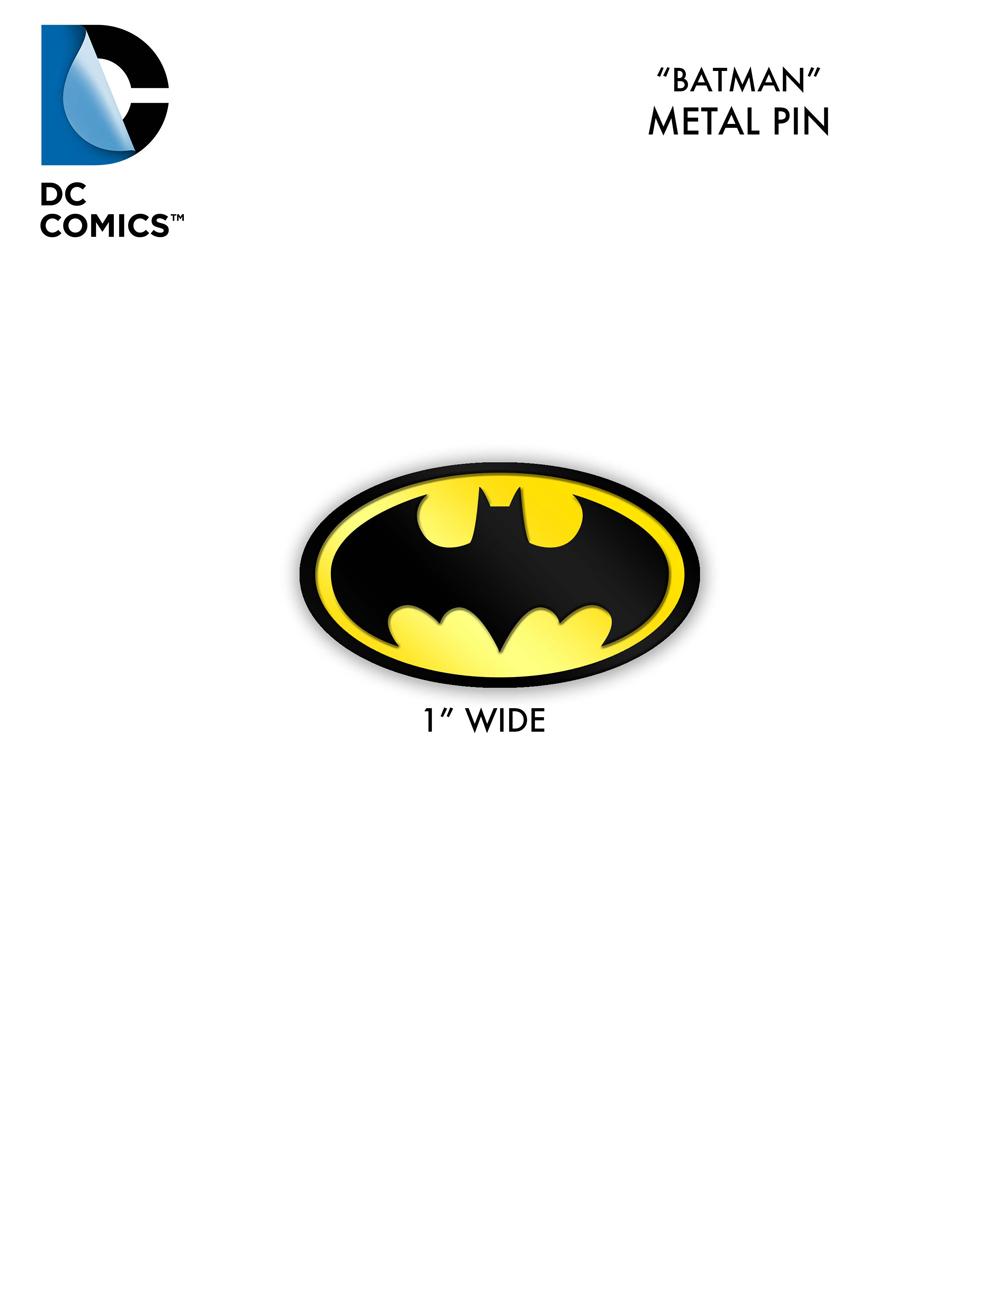 Oct170014 Fcbd 2018 Dc Comics Batman Symbol Metal Pins 50 Ct Bag